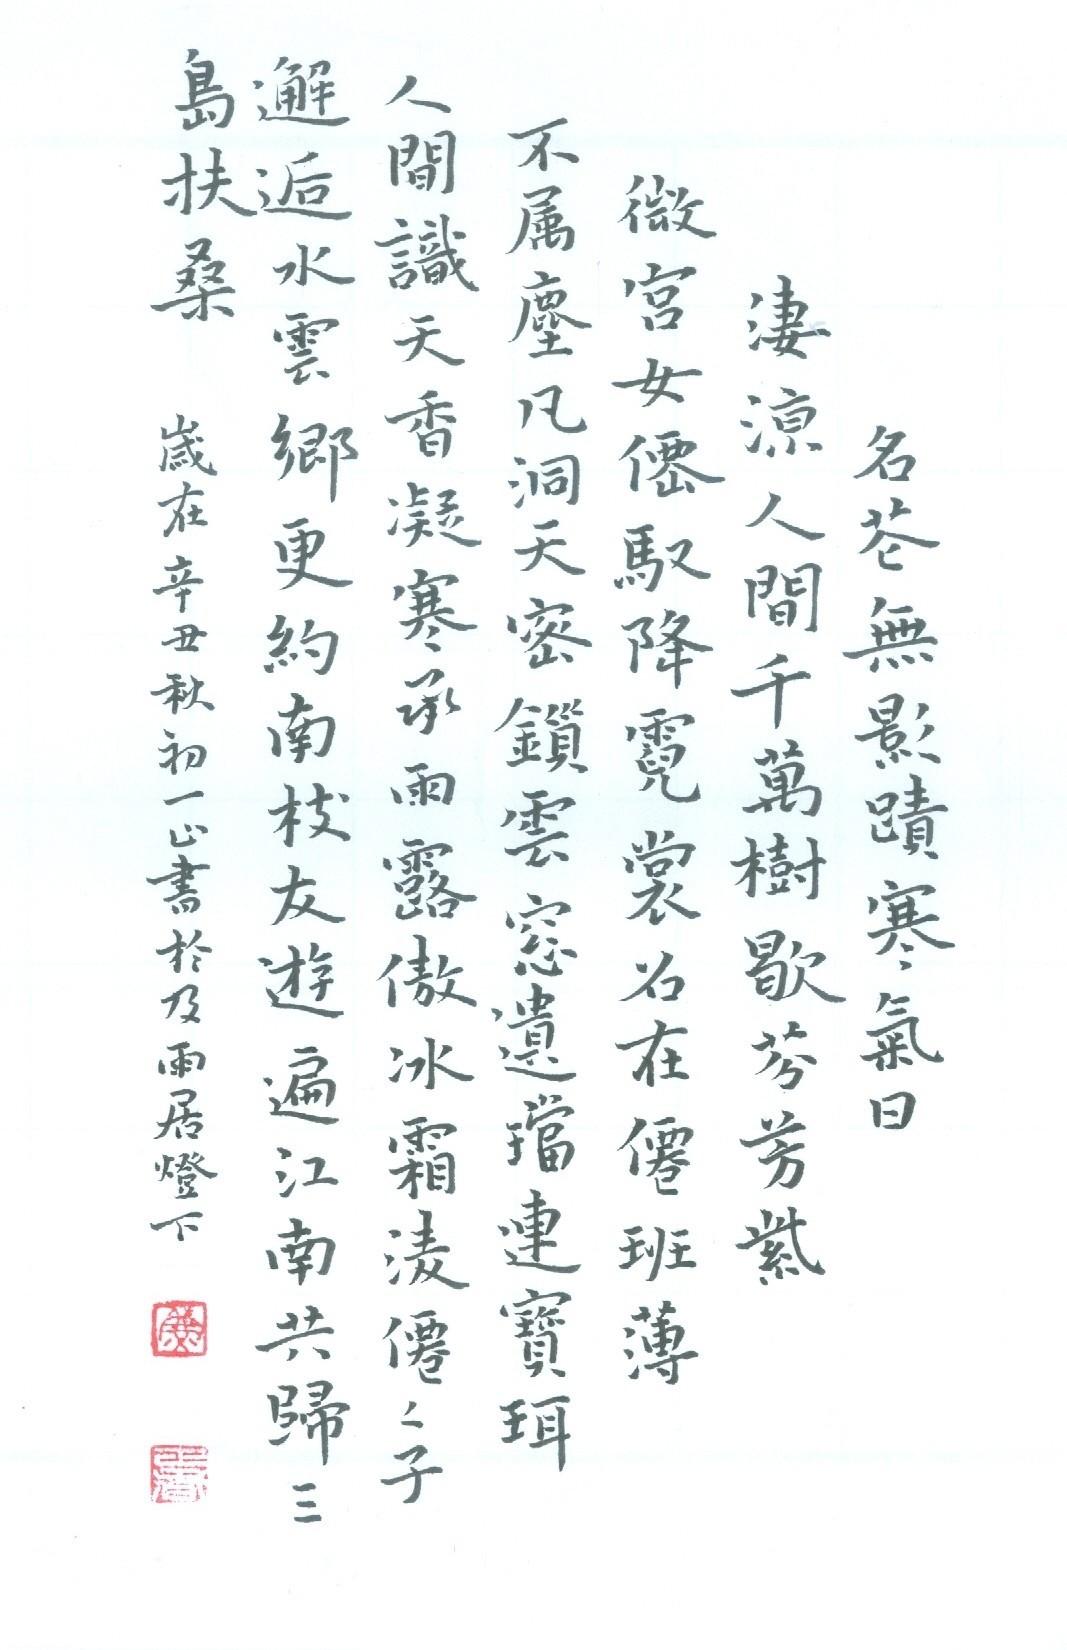 钢笔书法练字打卡20210929-25